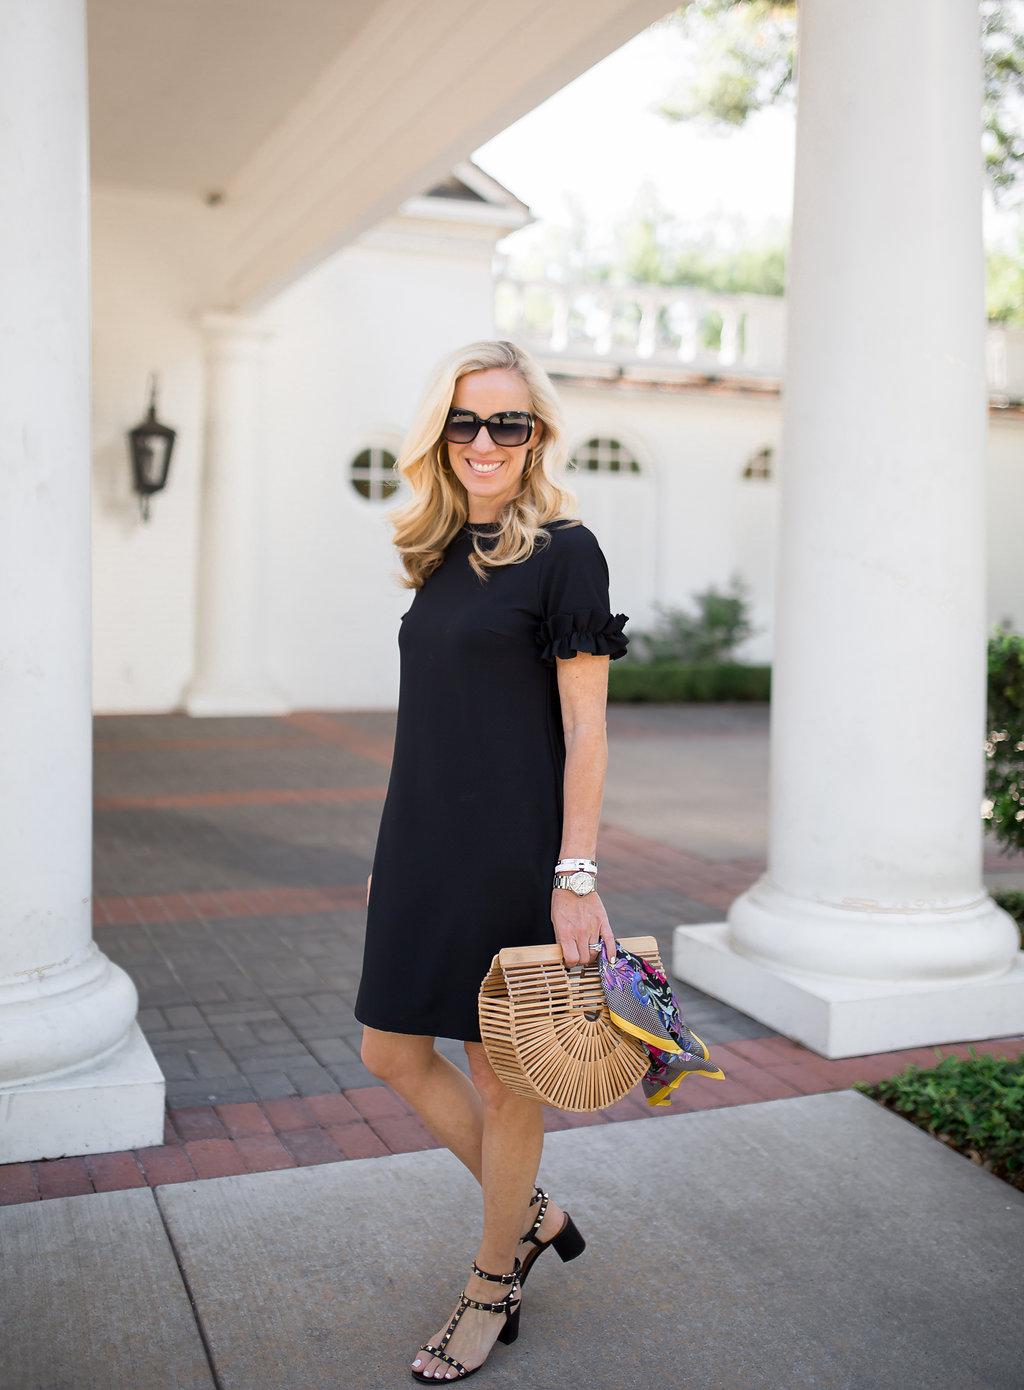 Alicia Wood, Dallas Lifestyle Blogger, Dallas Fashion Blogger, Dallas Lifestyle Expert, LBD for Spring, Cult Gaia Ark Bag